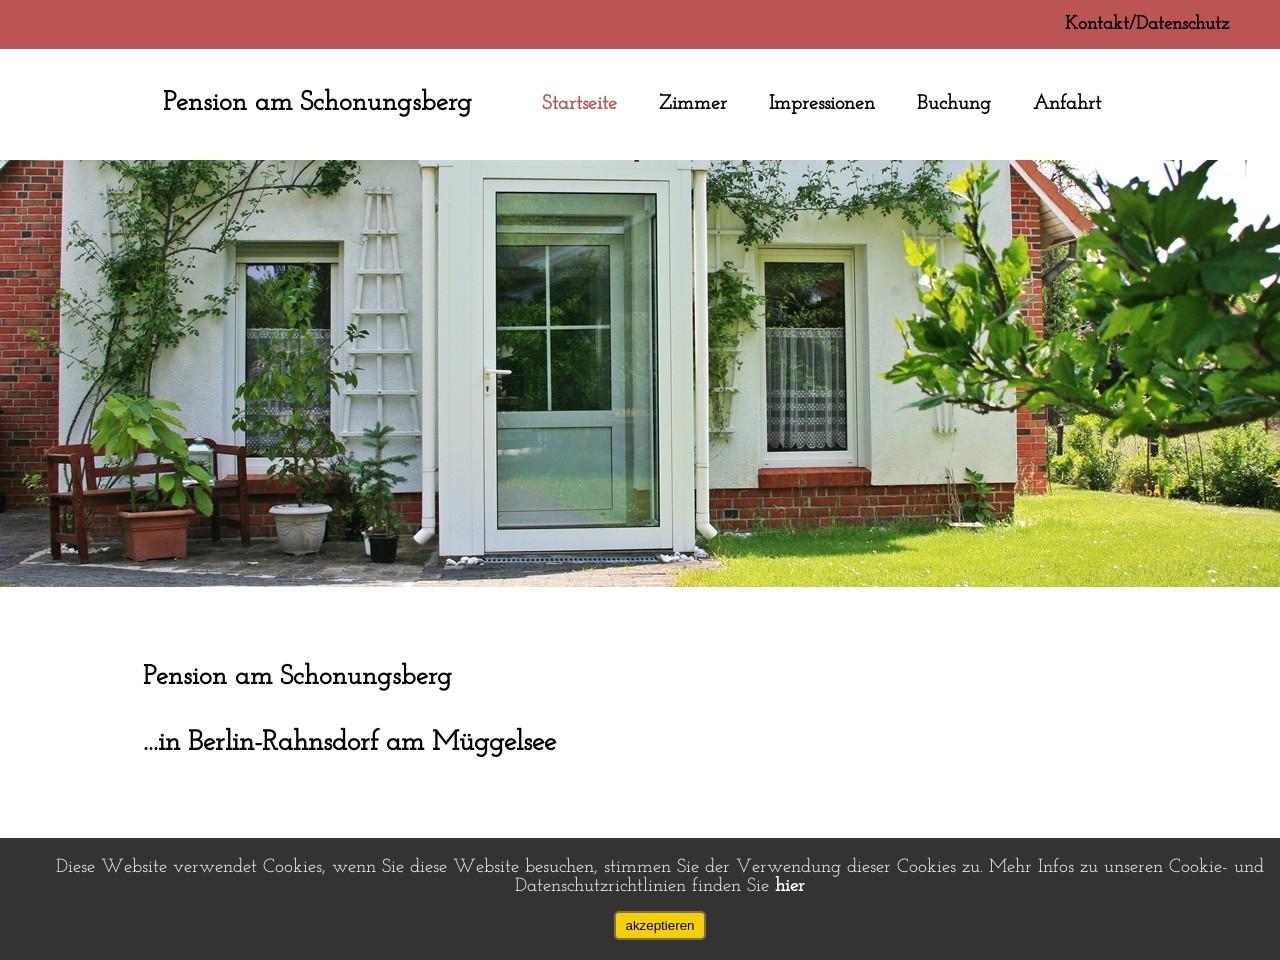 Pension am Schonungsberg